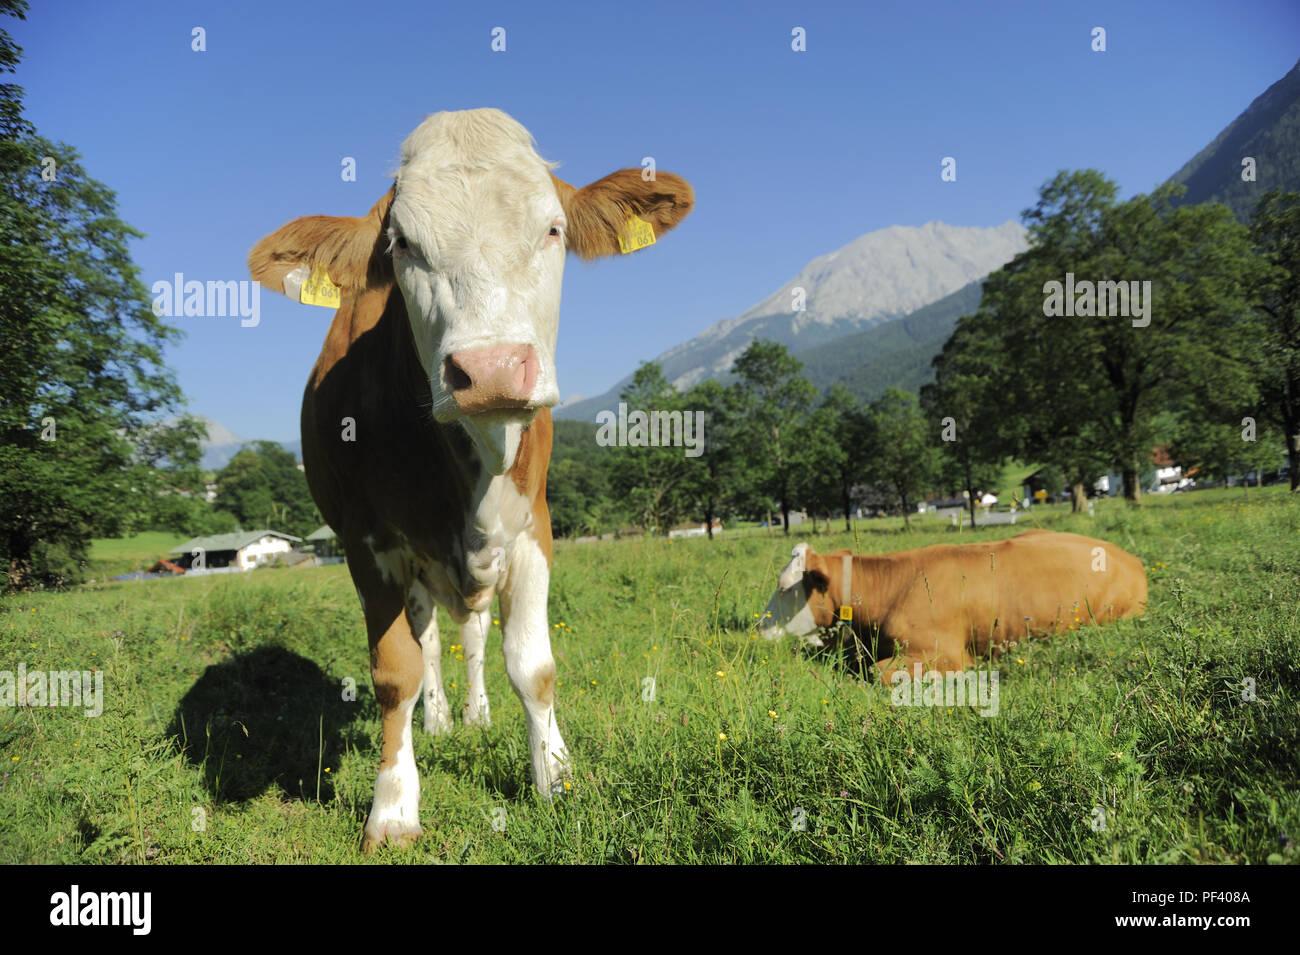 braune bayerische Rinder, Berchtesgadener Land, Oberbayern, Bayern, Deutschland   typical bavarian cattle on a meadow,. Bavaria, Germany Stock Photo